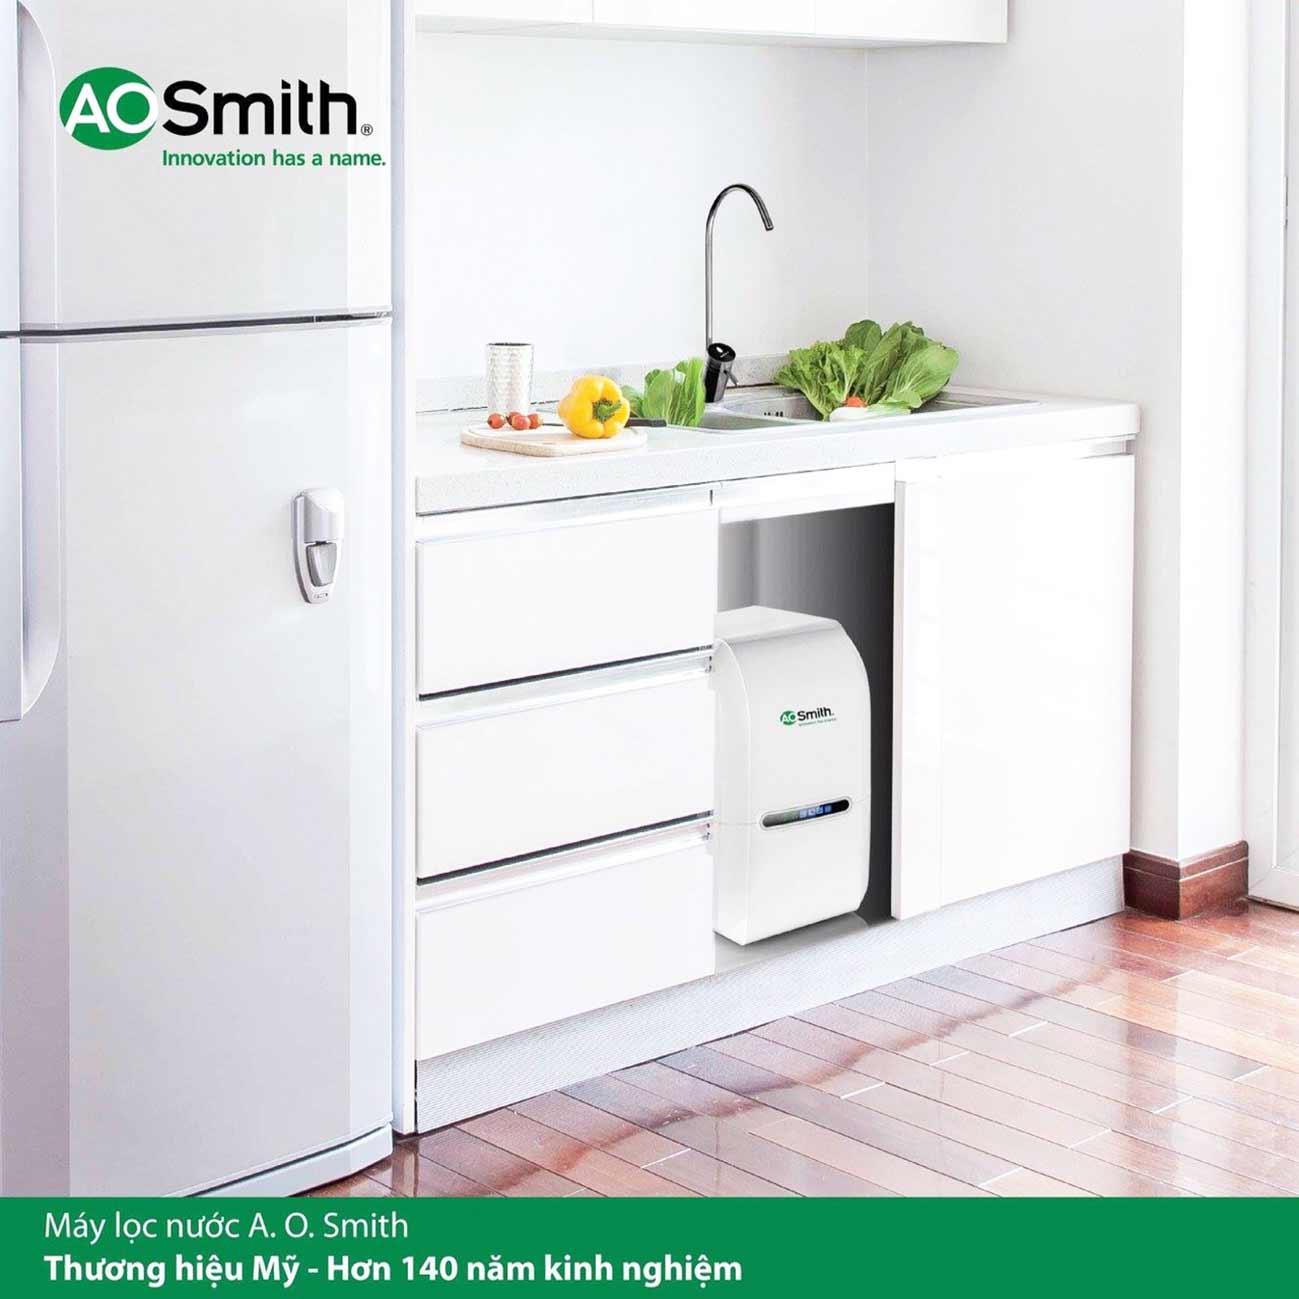 Hình lắp đặt của máy lọc Aosmith AS2 dưới gầm bếp